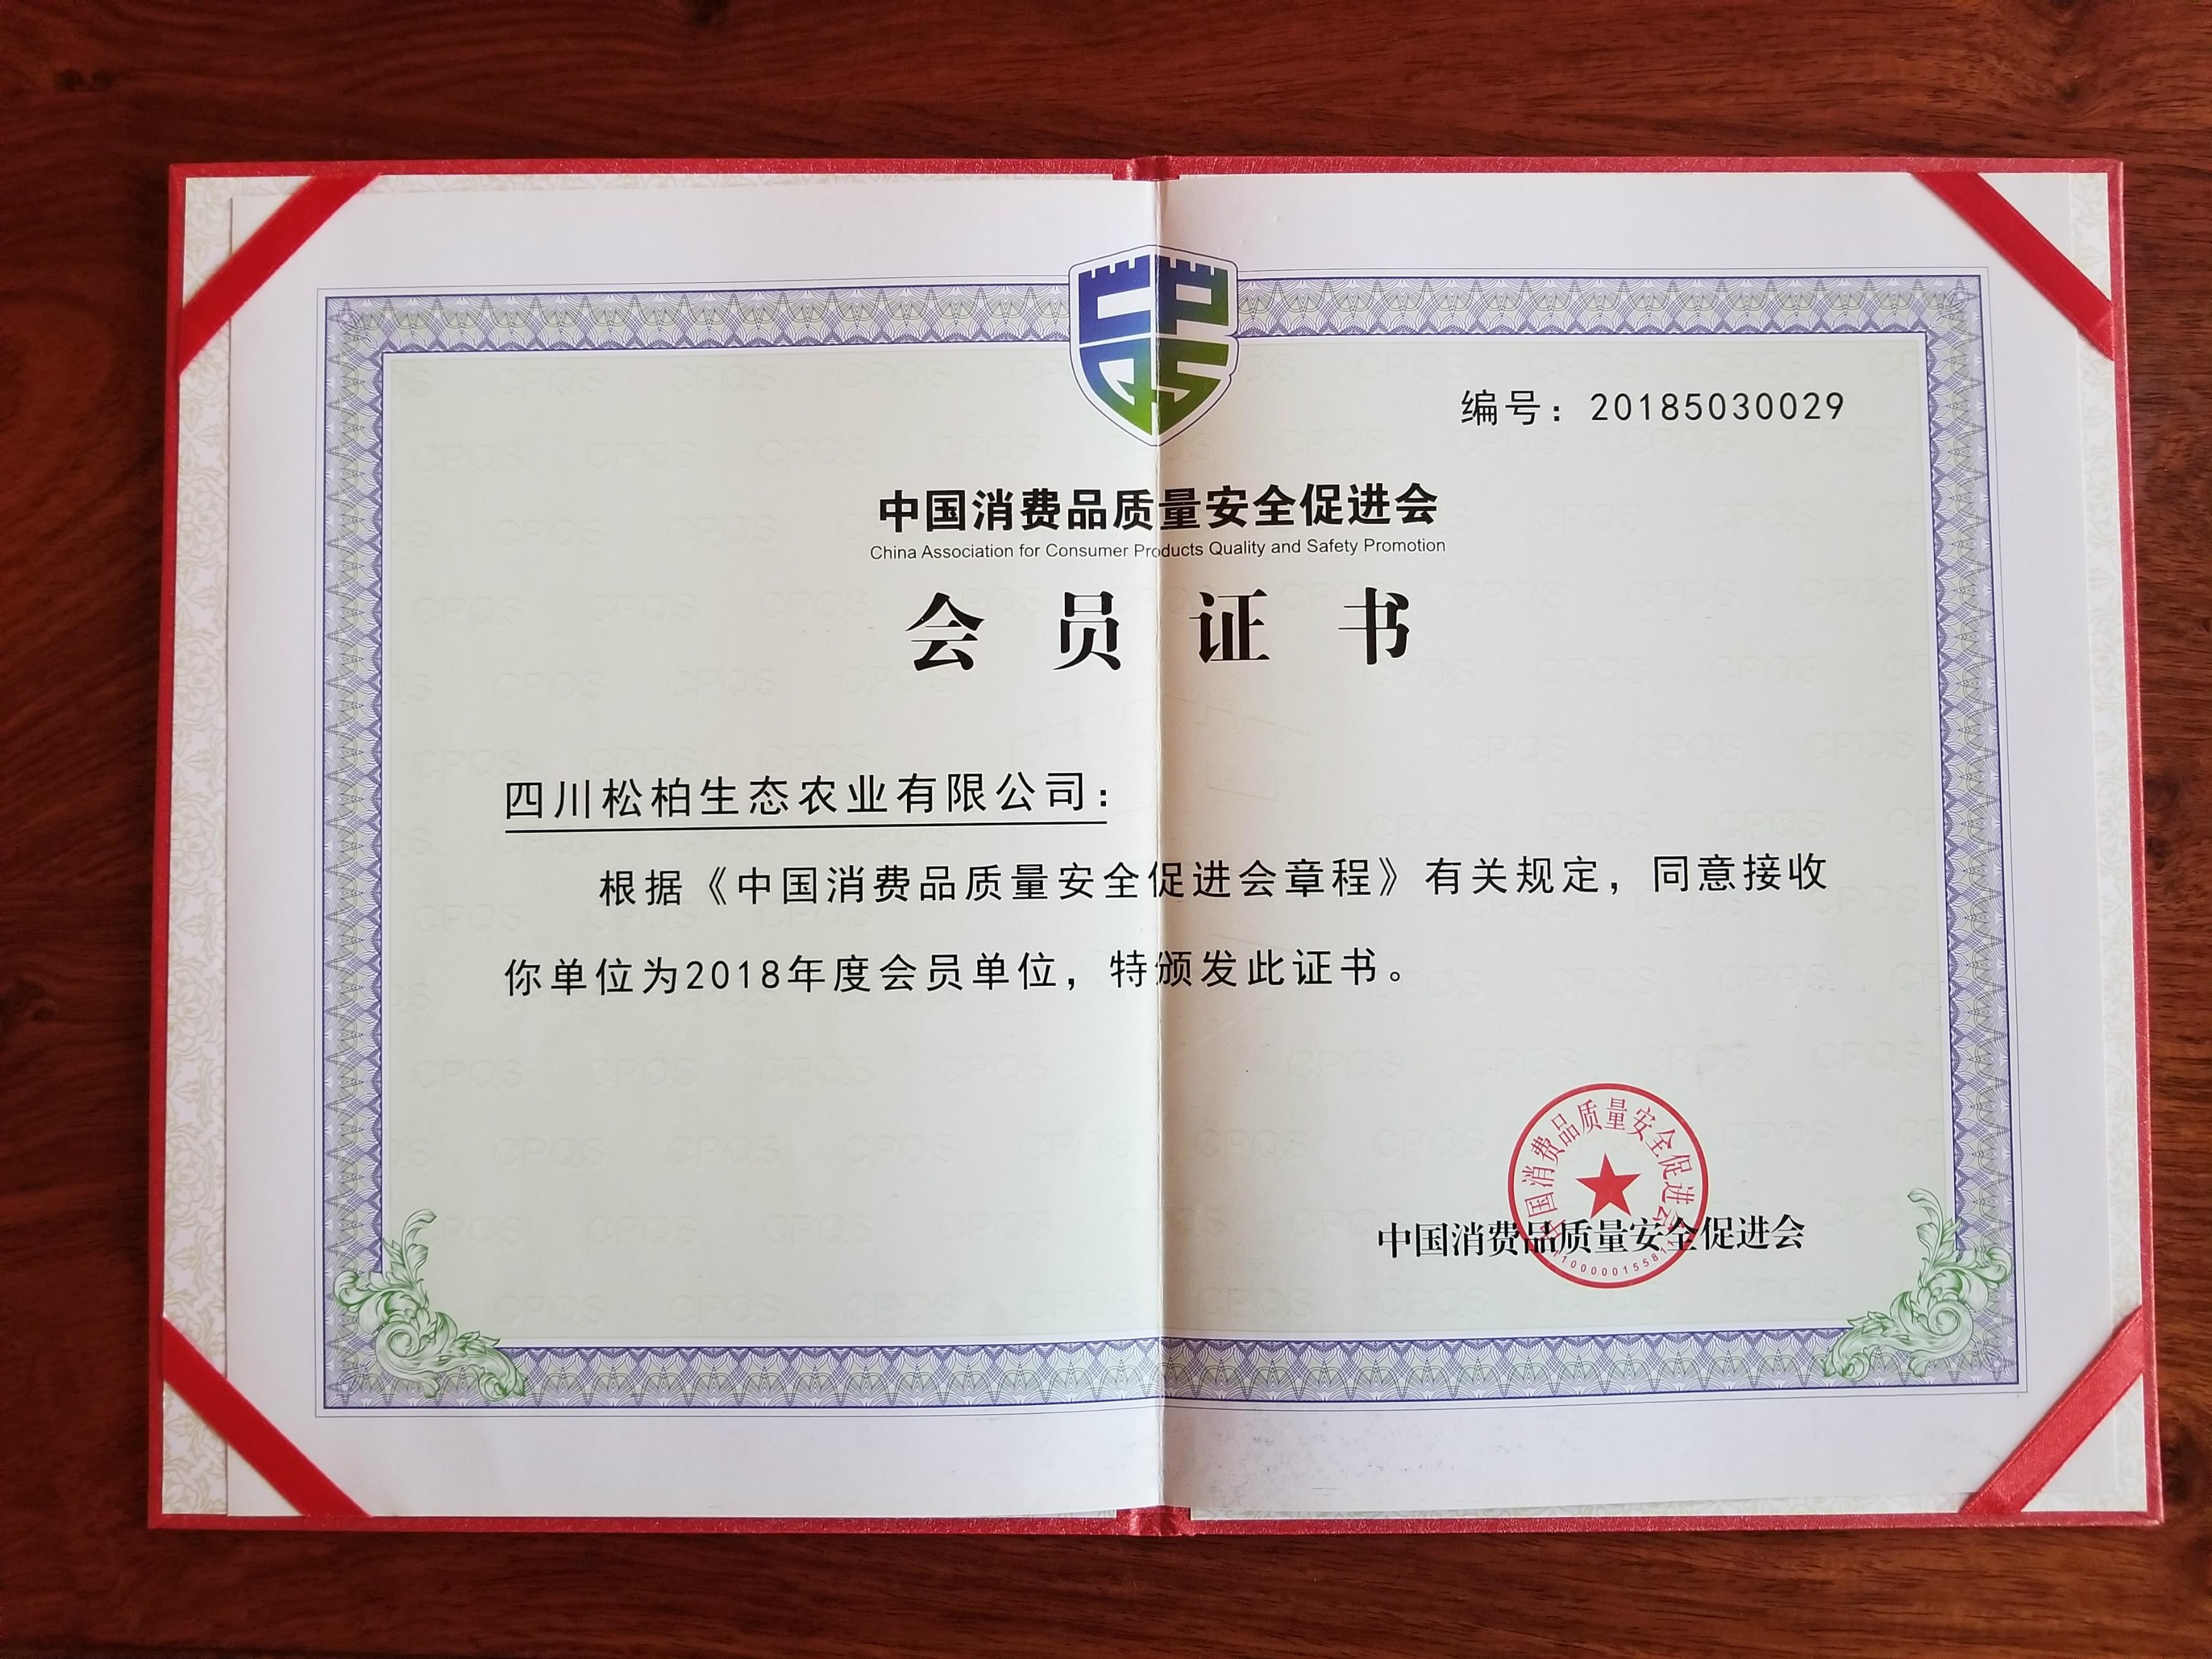 松柏生态农业加入中国消费品质量安全促进会